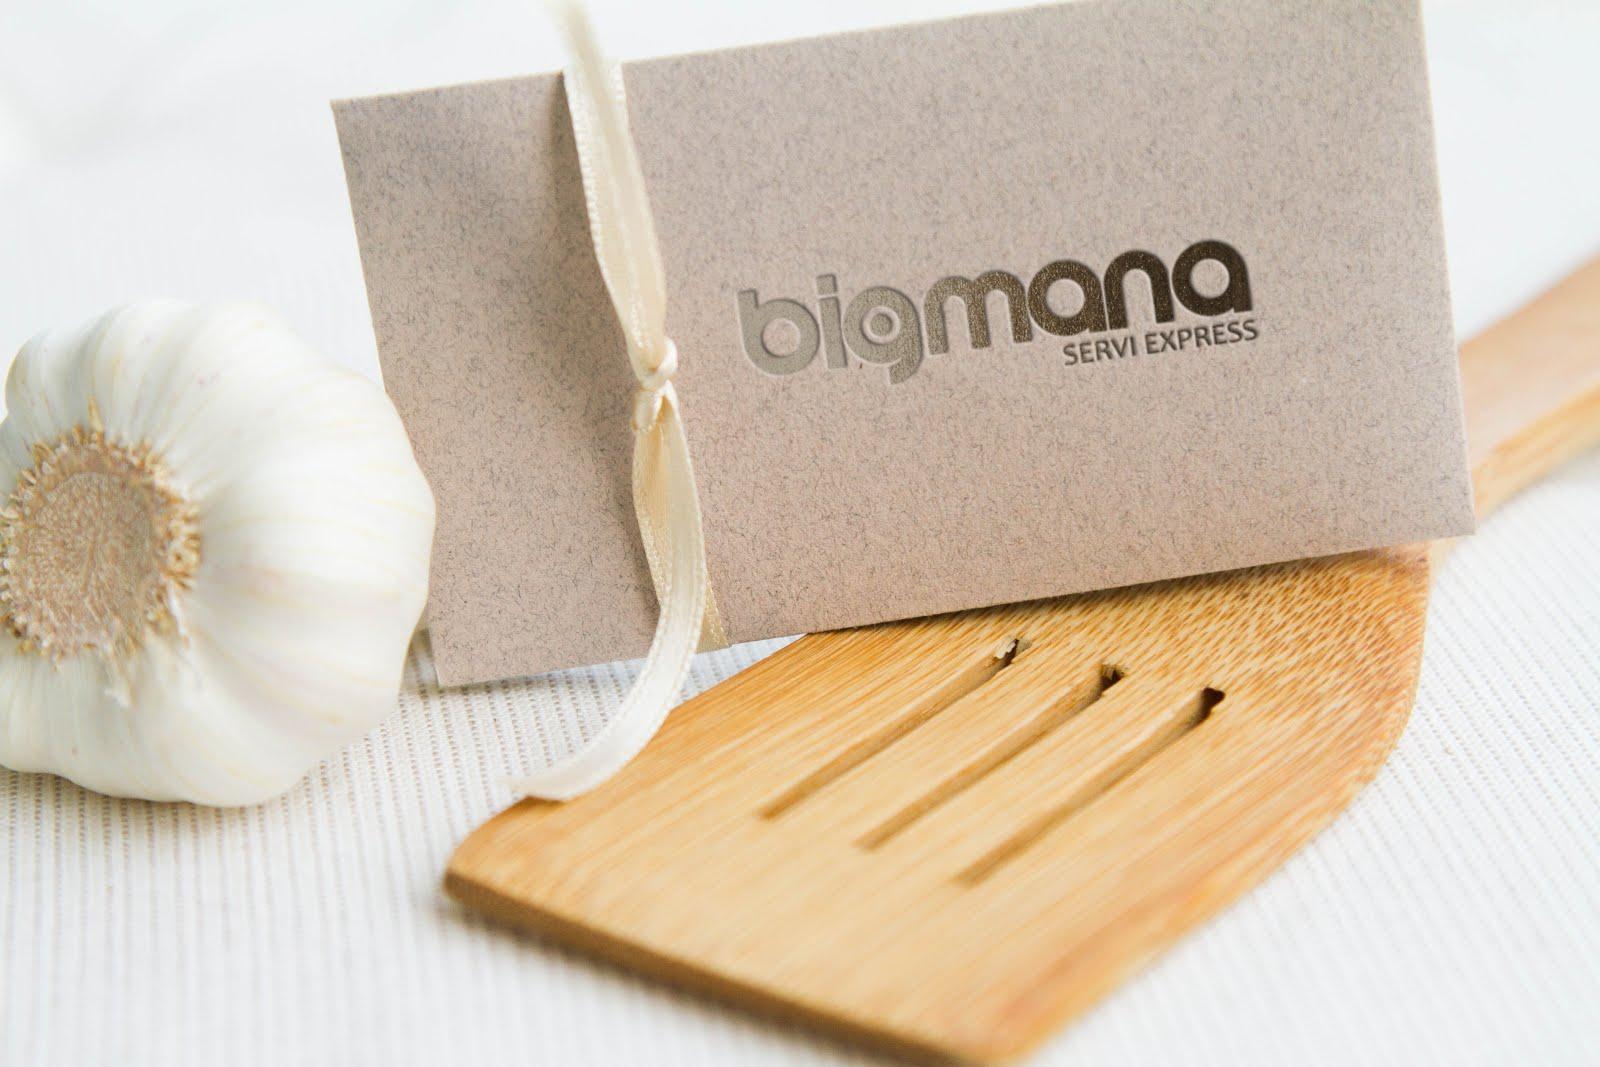 Bigmana - Diseño Logo/Marca